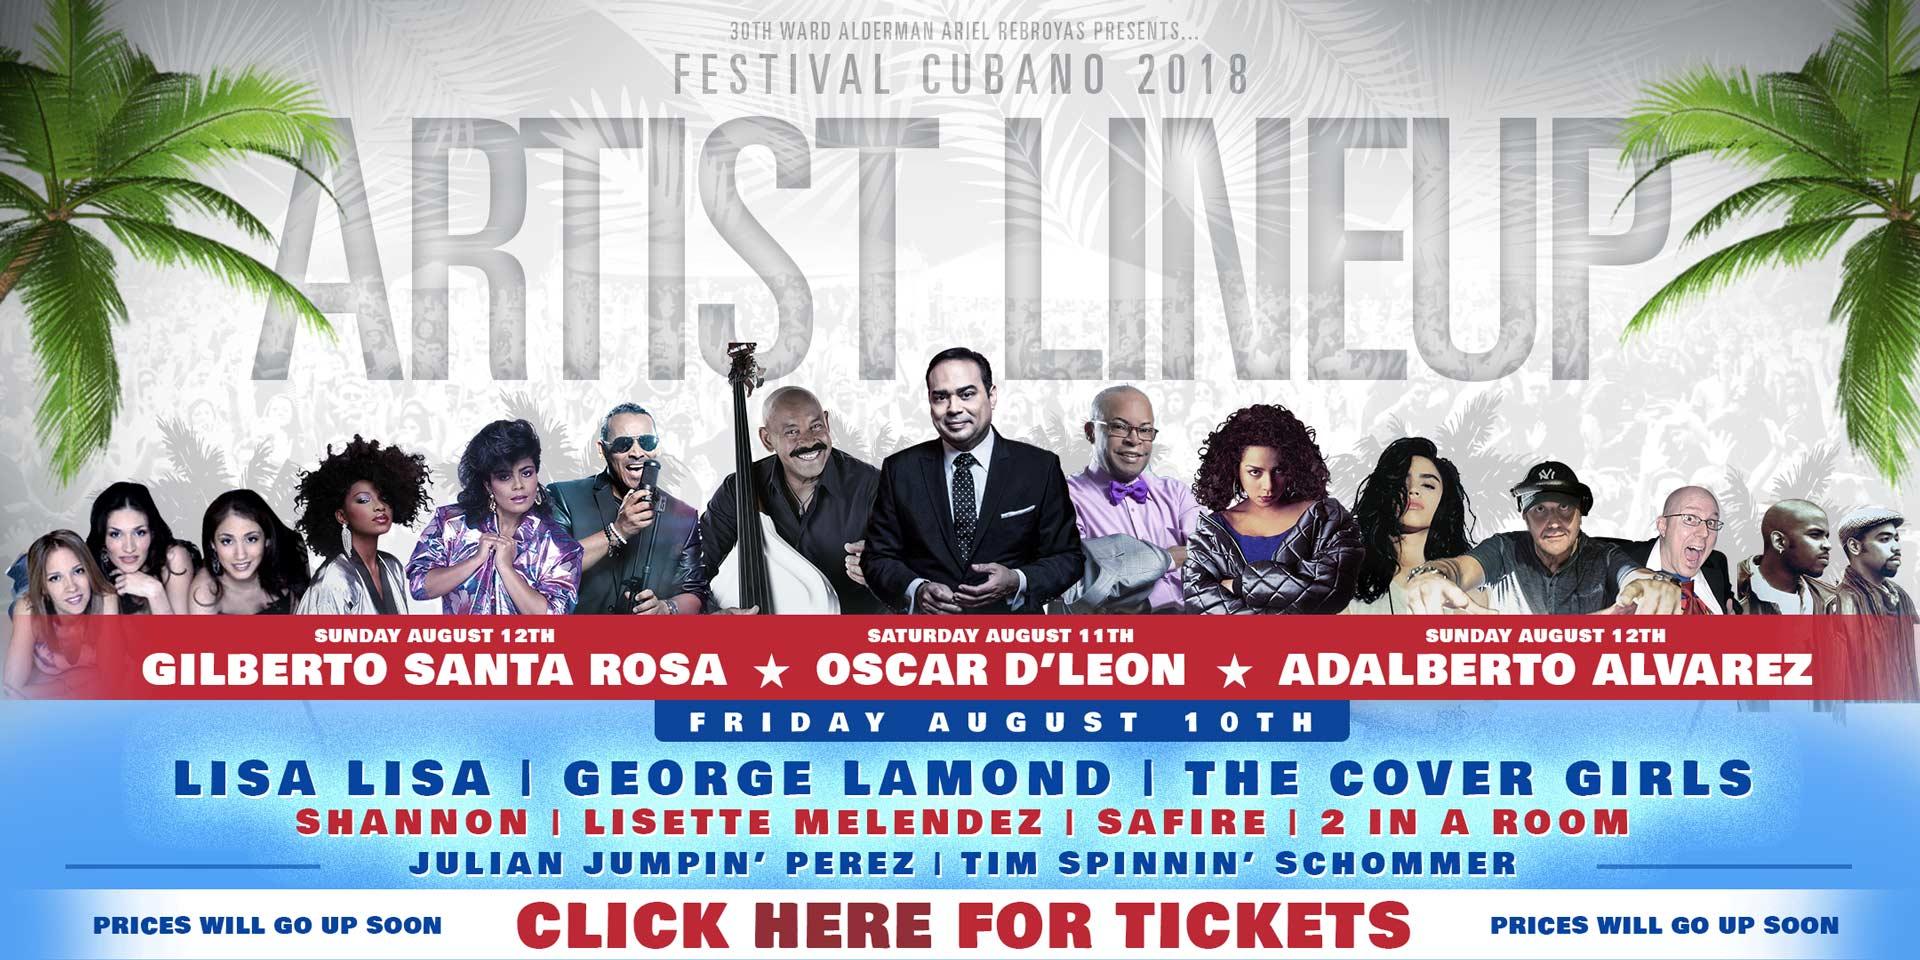 Cuban Fest Chicago 2018